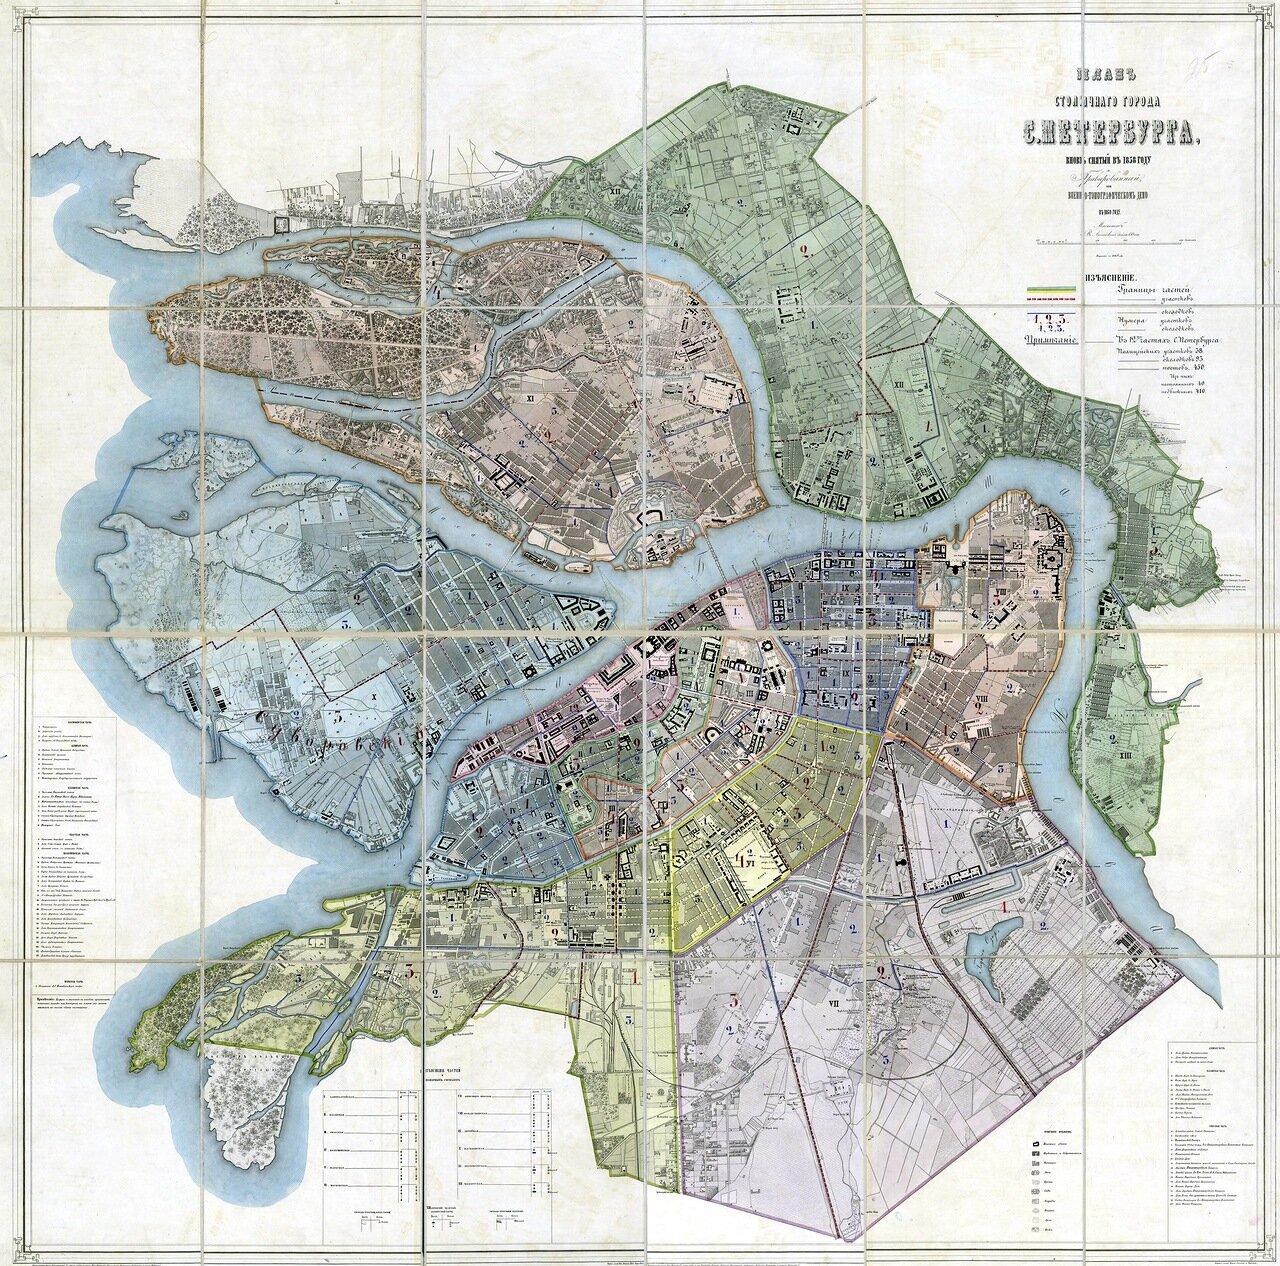 1860. План столичного города Санкт-Петербурга